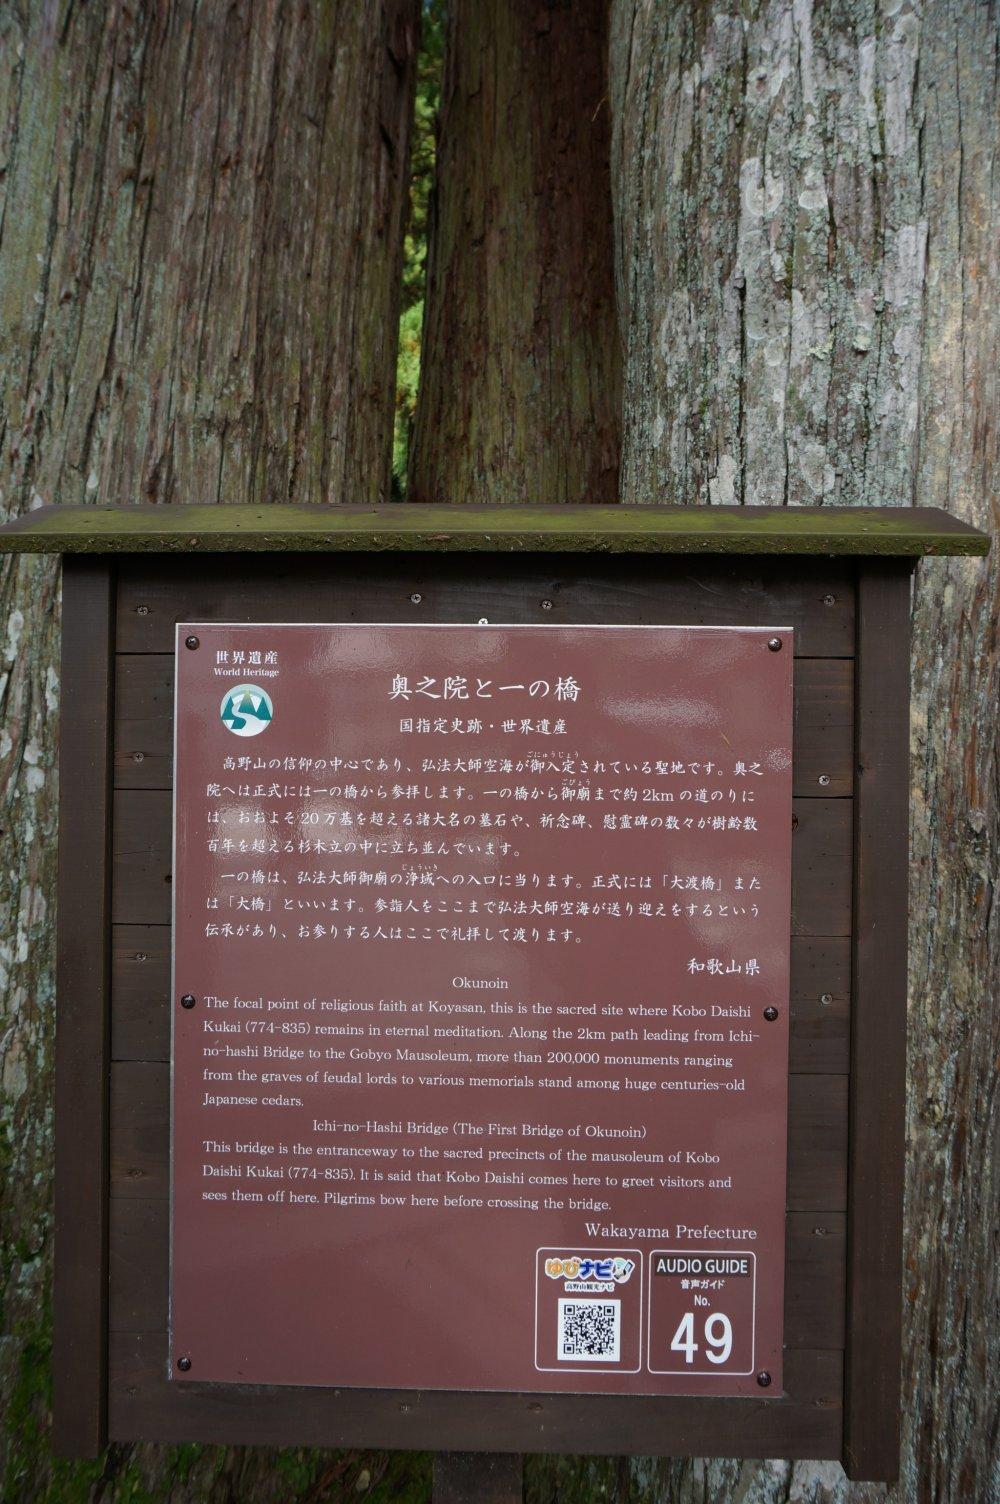 วัด Okunion และทางเดิน 2 กิโลไปสุสานท่าน Kobo